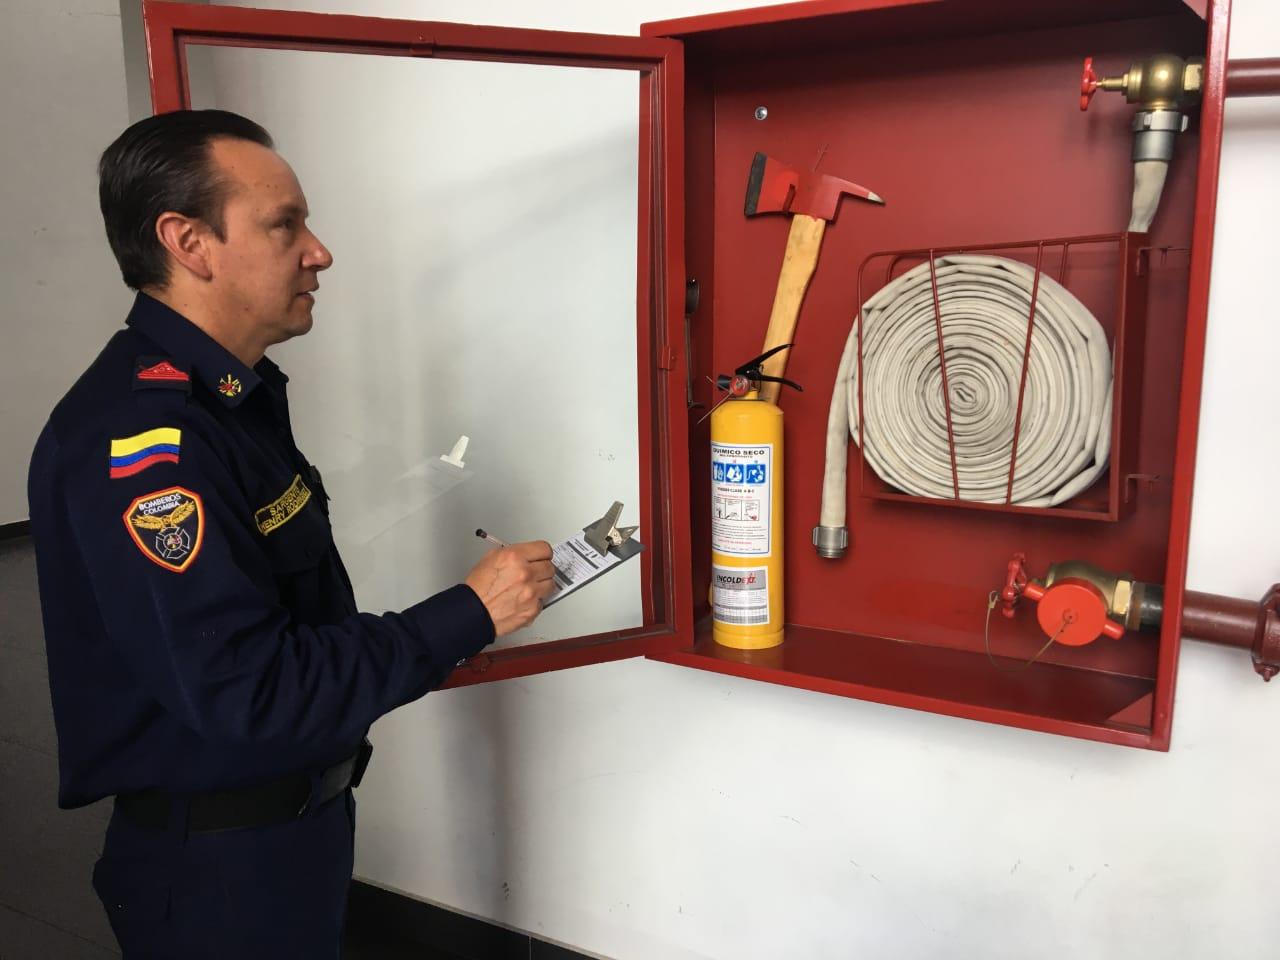 Recuerda poner al día tu establecimiento con las inspecciones técnicas - FOTO: Prensa Bomberos de Bogotá